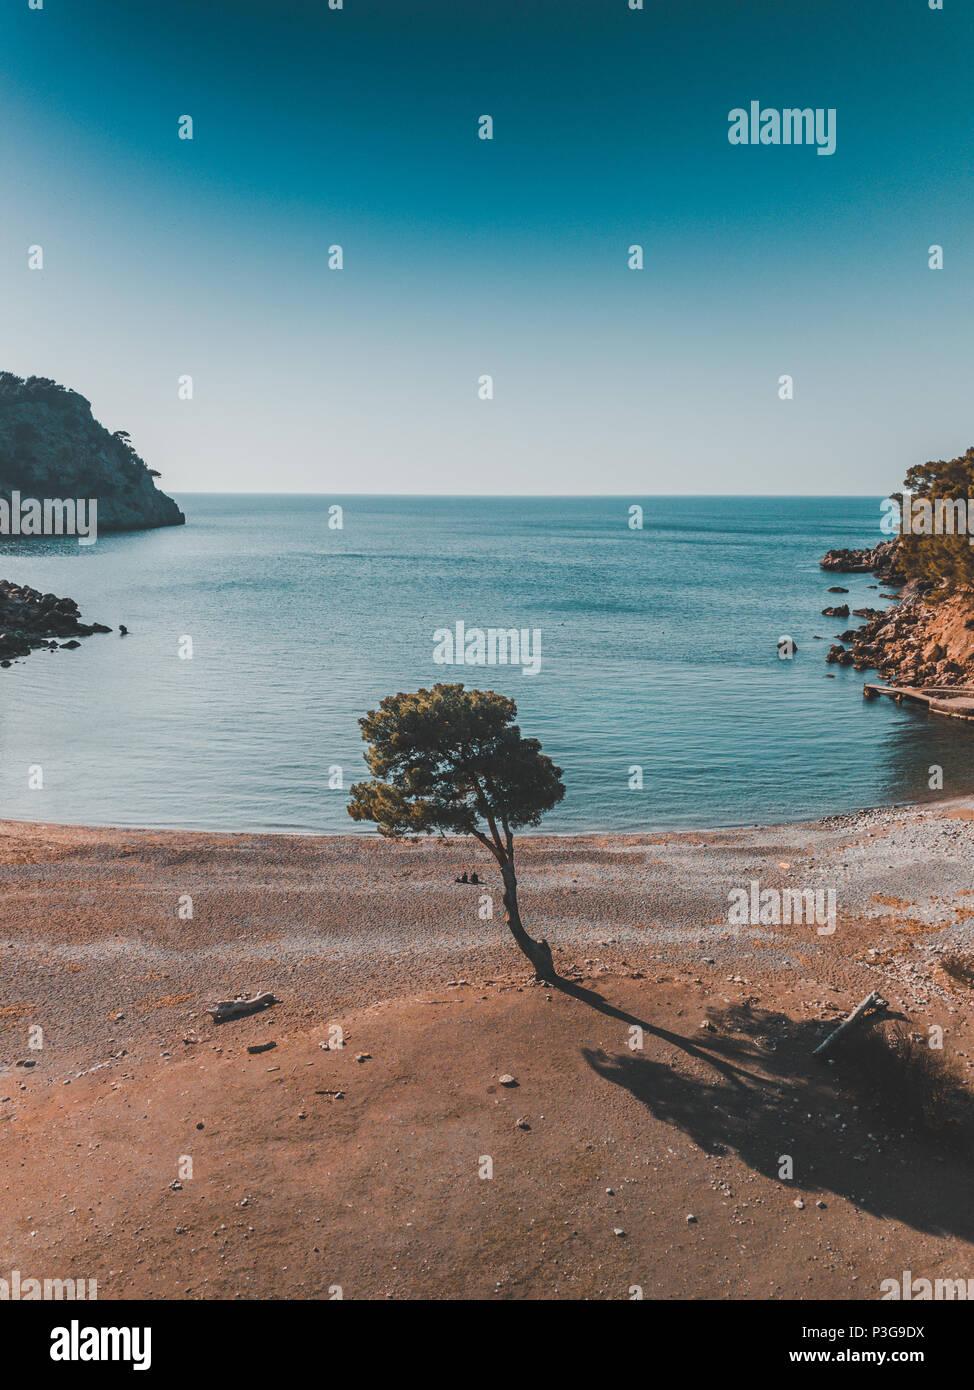 Baum alleine am Strand, Pärchen am träumen Urlaub genießen - Stock Image